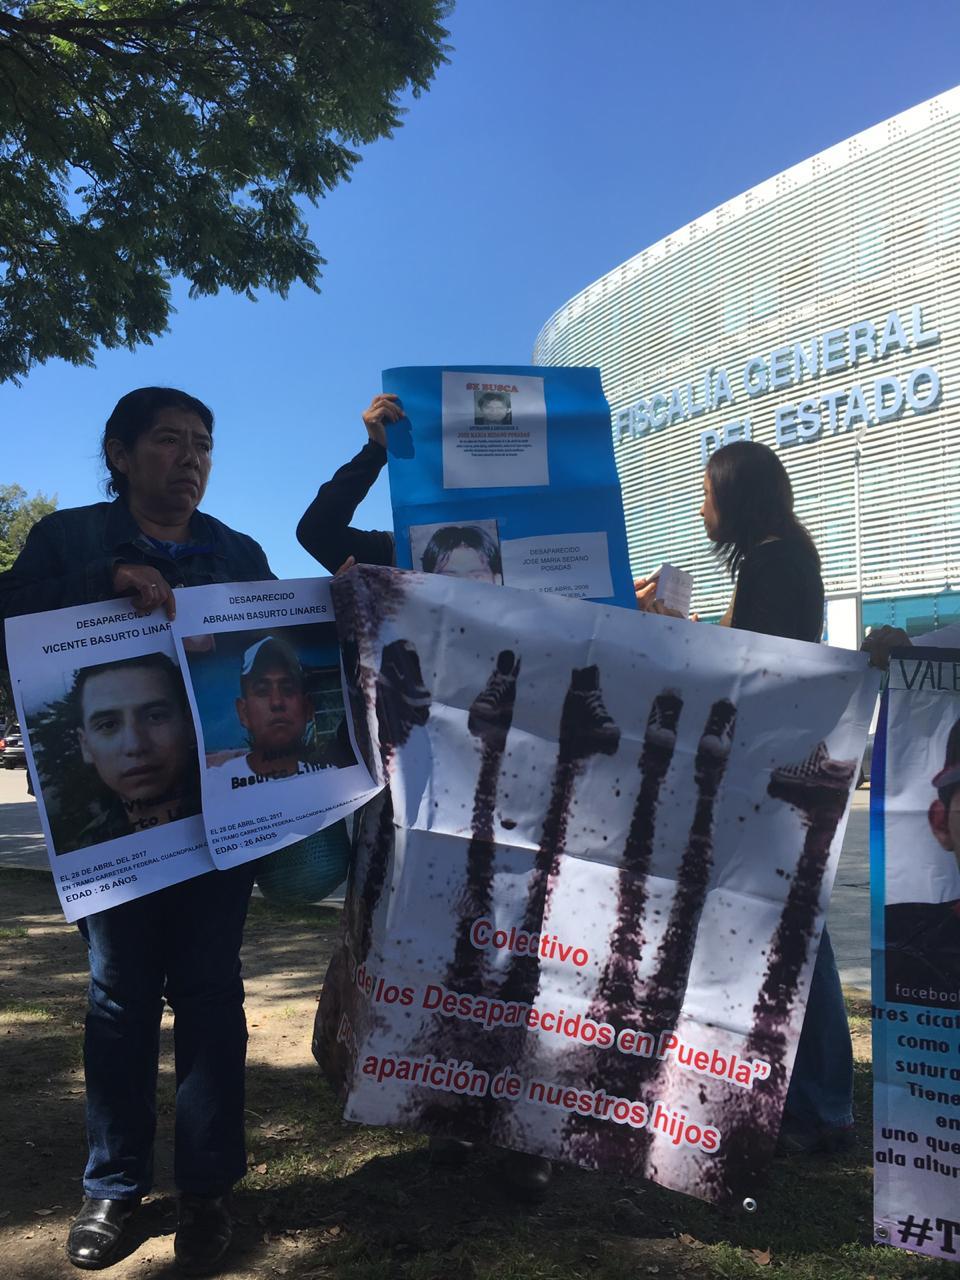 La Voz de los desaparecidos en Puebla